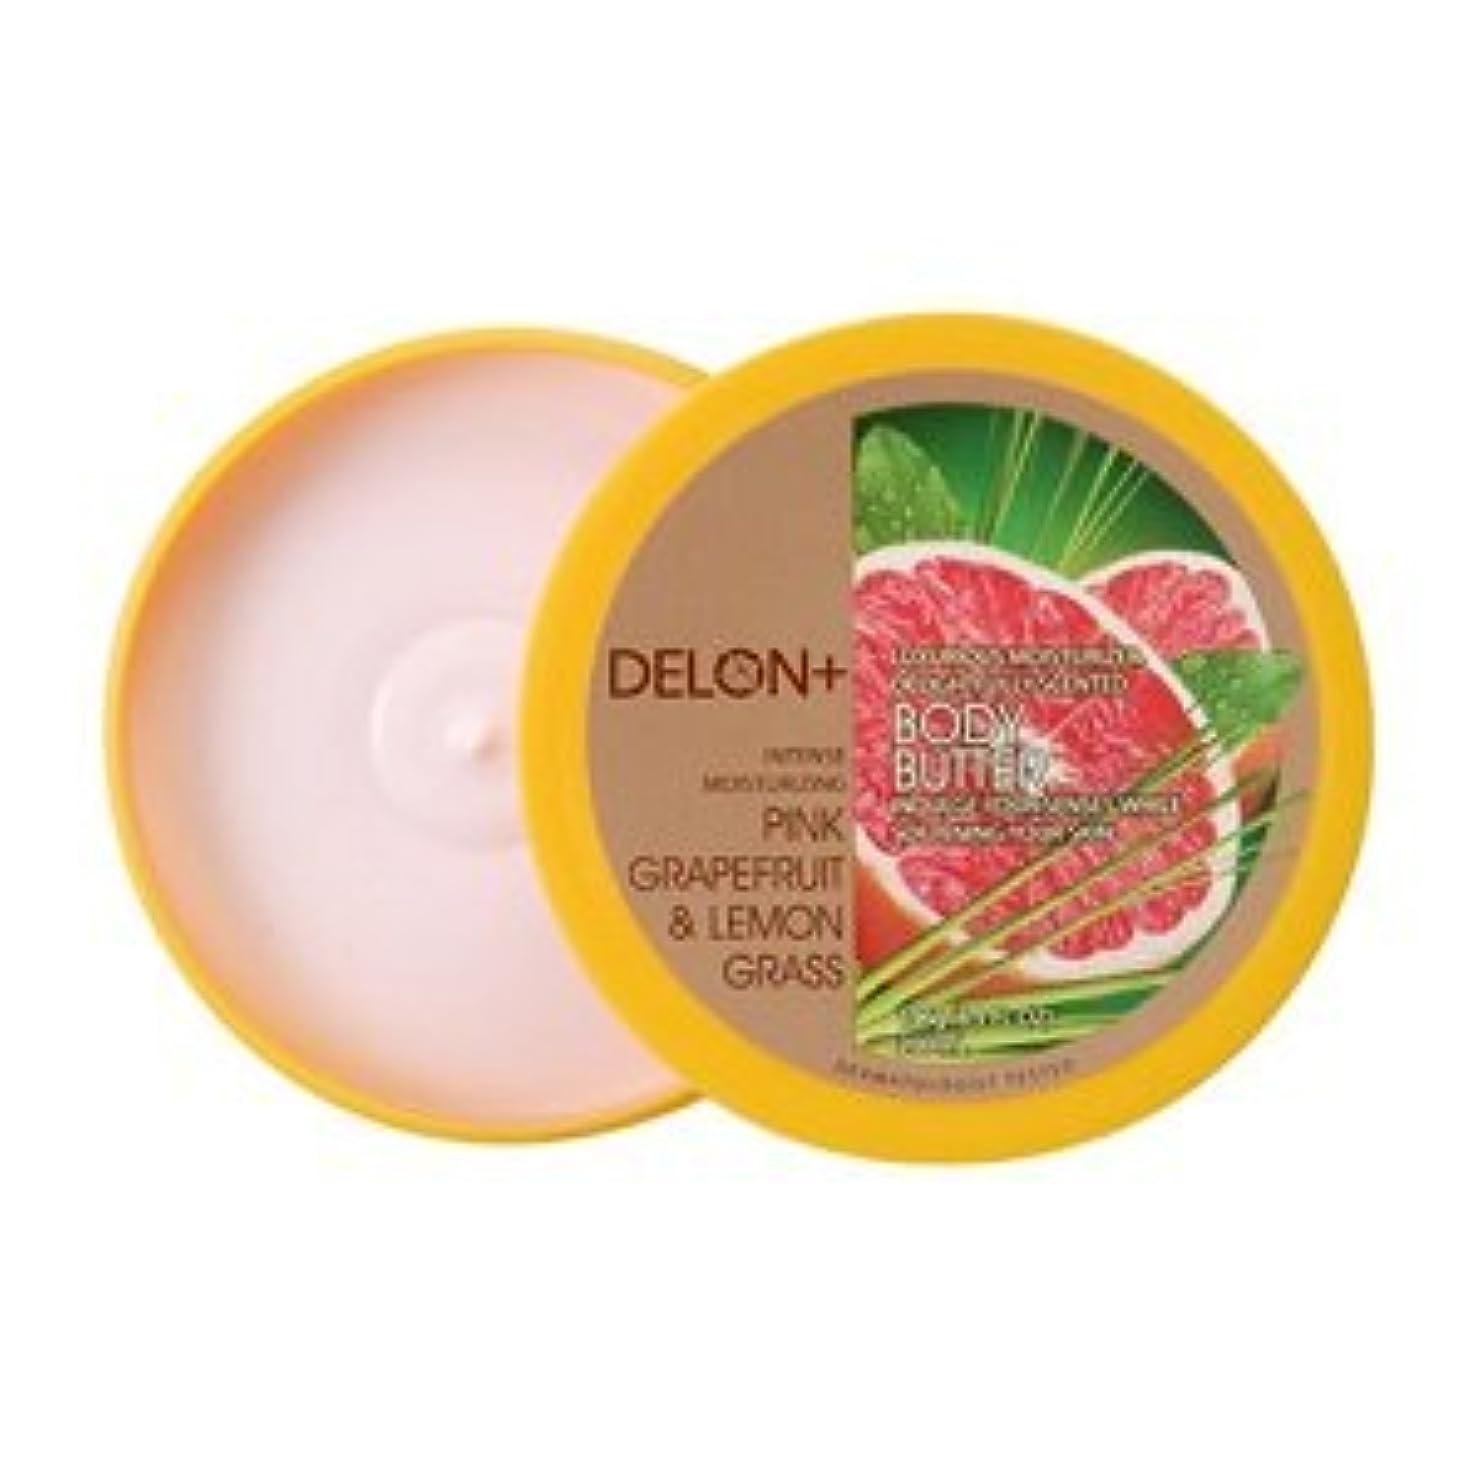 ブロックする怠ポルトガル語デロン ボディバター ピンクグレープフルーツ & ;レモングラス 196g ボディクリーム